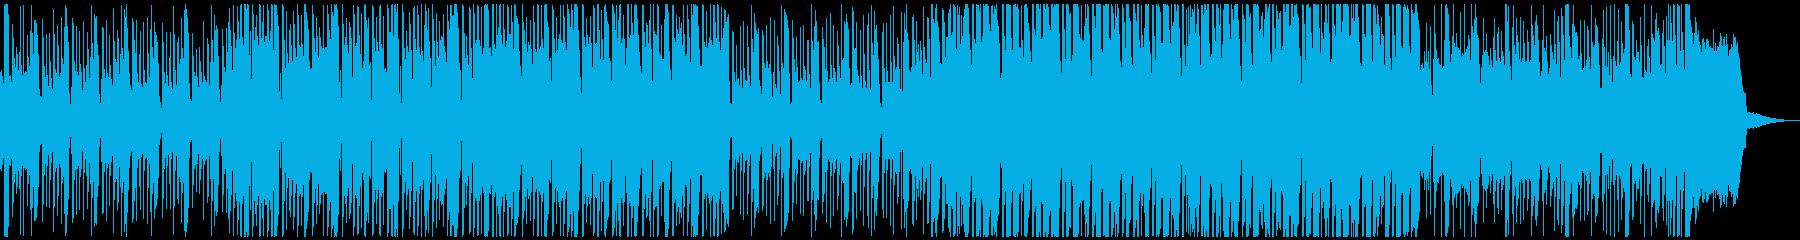 コミカルで楽しいトロピカル風ジングルの再生済みの波形